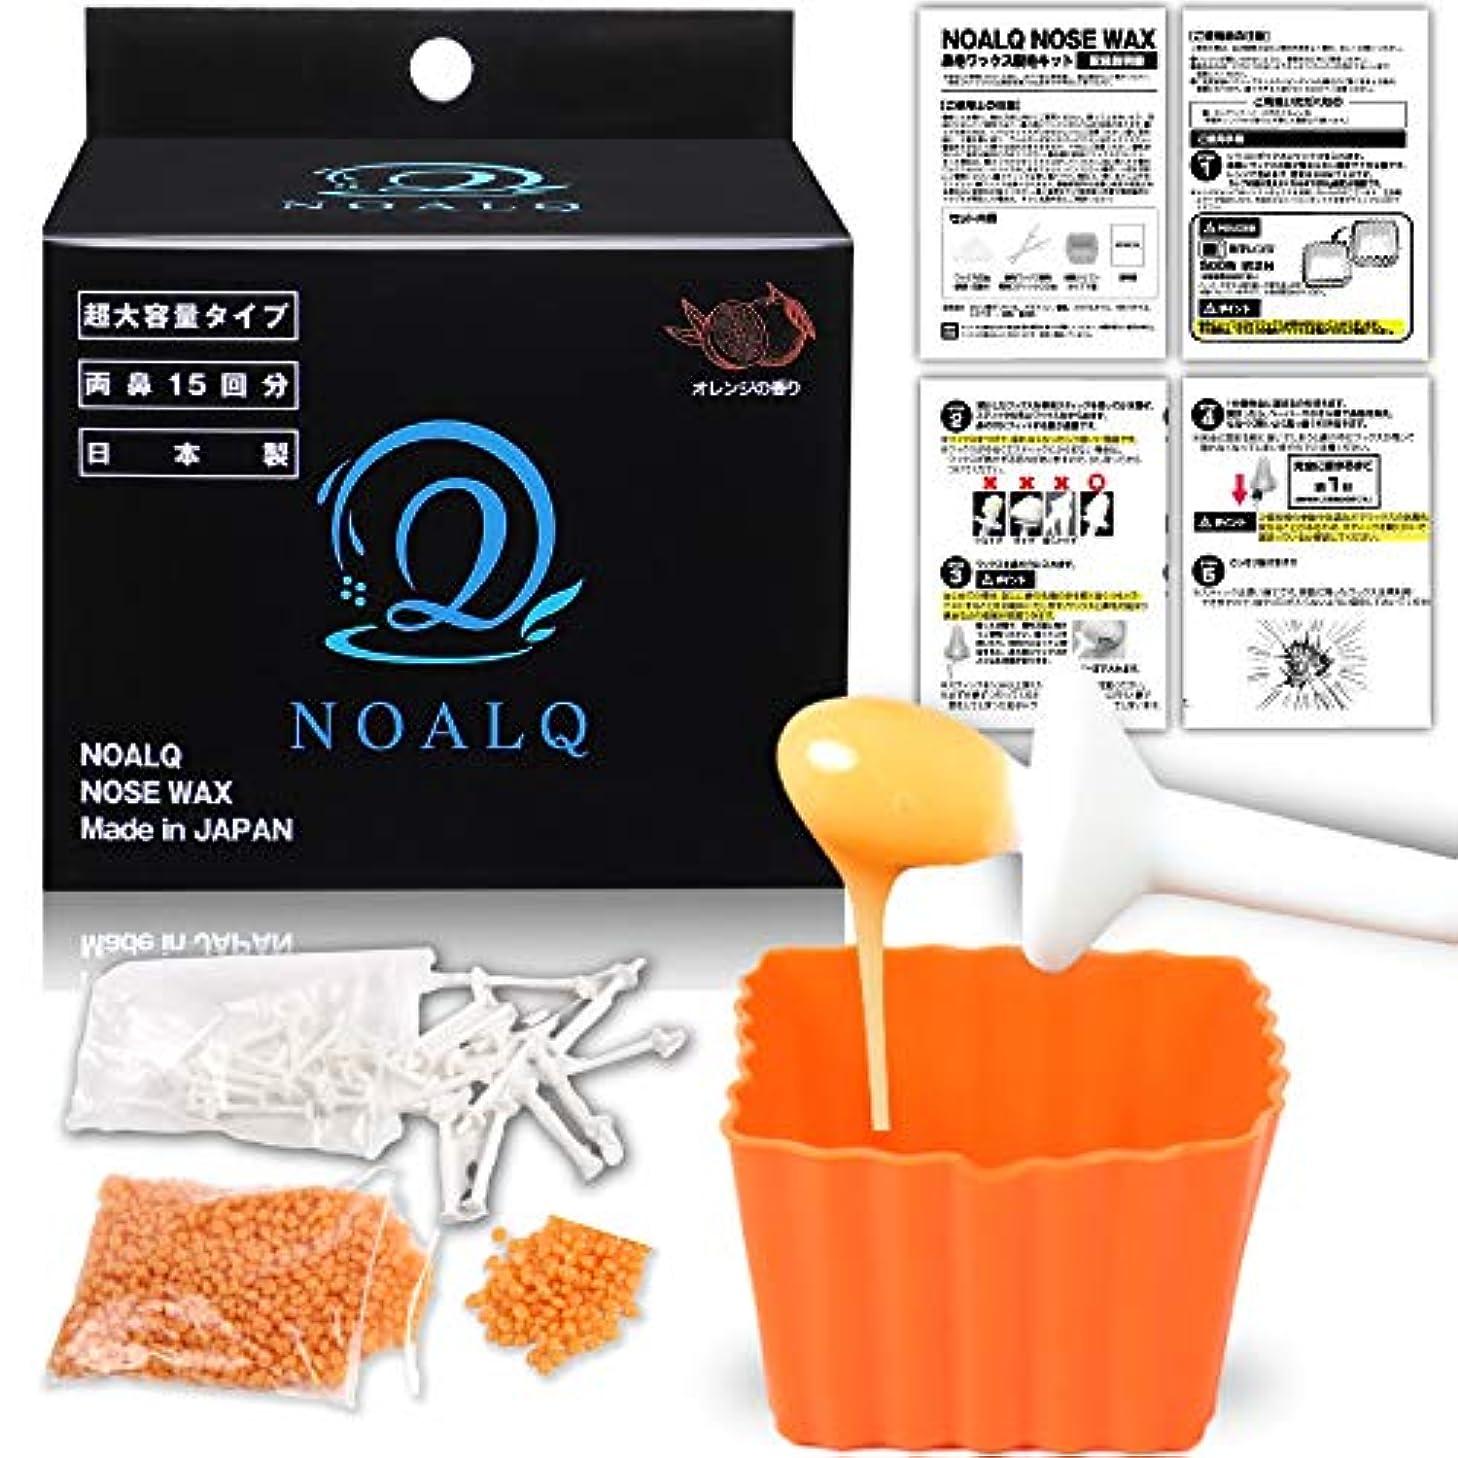 推進ナース理想的NOALQ(ノアルク) ブラジリアンワックス 鼻毛 脱毛 ワックス 超大容量両鼻15回分 ワックス60g スティック30本 日本製 (シアバター ホホバオイル 食品グレードロジンエステル)オレンジフレーバータイプ